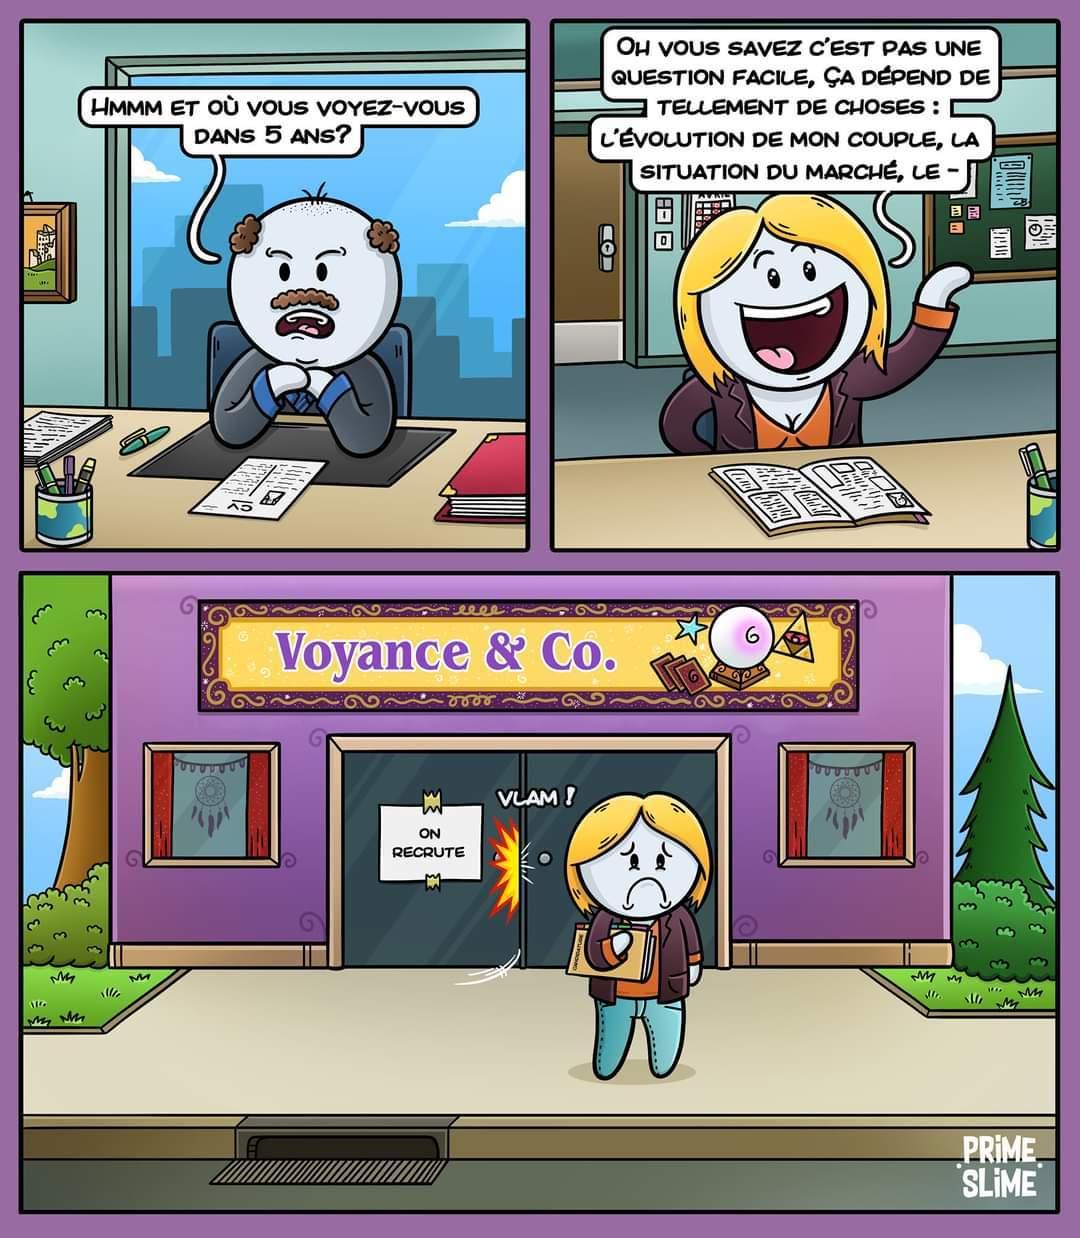 Vision à long terme #147prime slime - meme